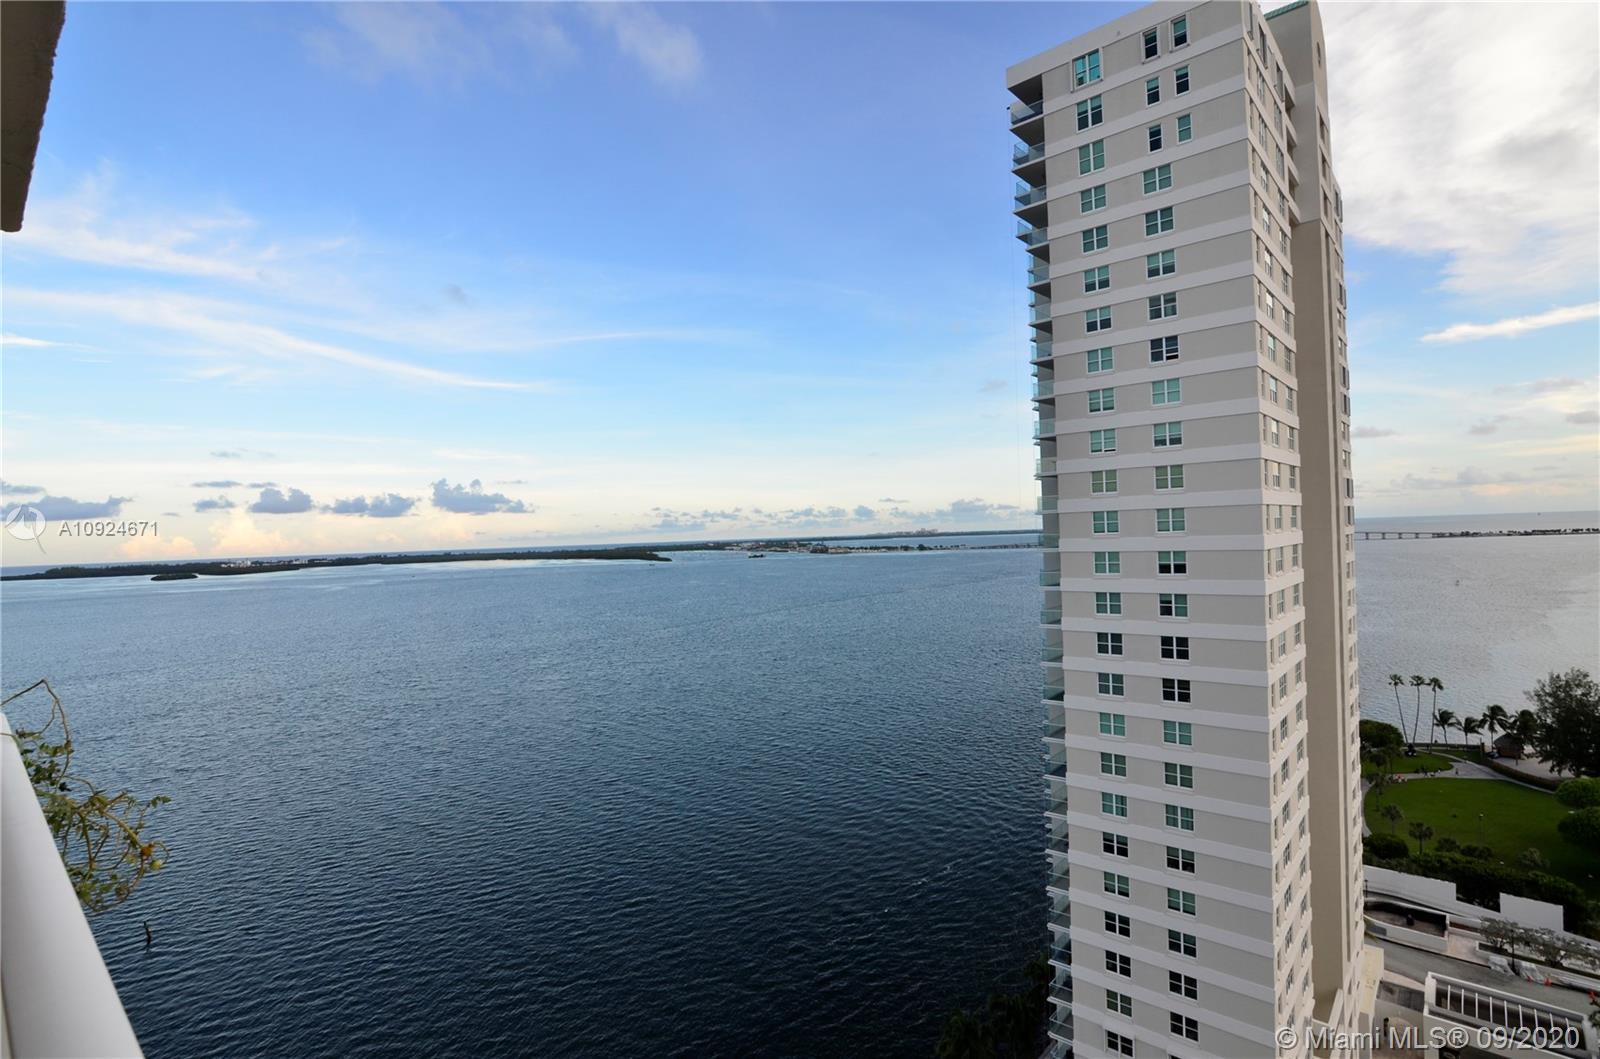 Isola #PH-12 - 770 S Claughton Island Dr #PH-12, Miami, FL 33131